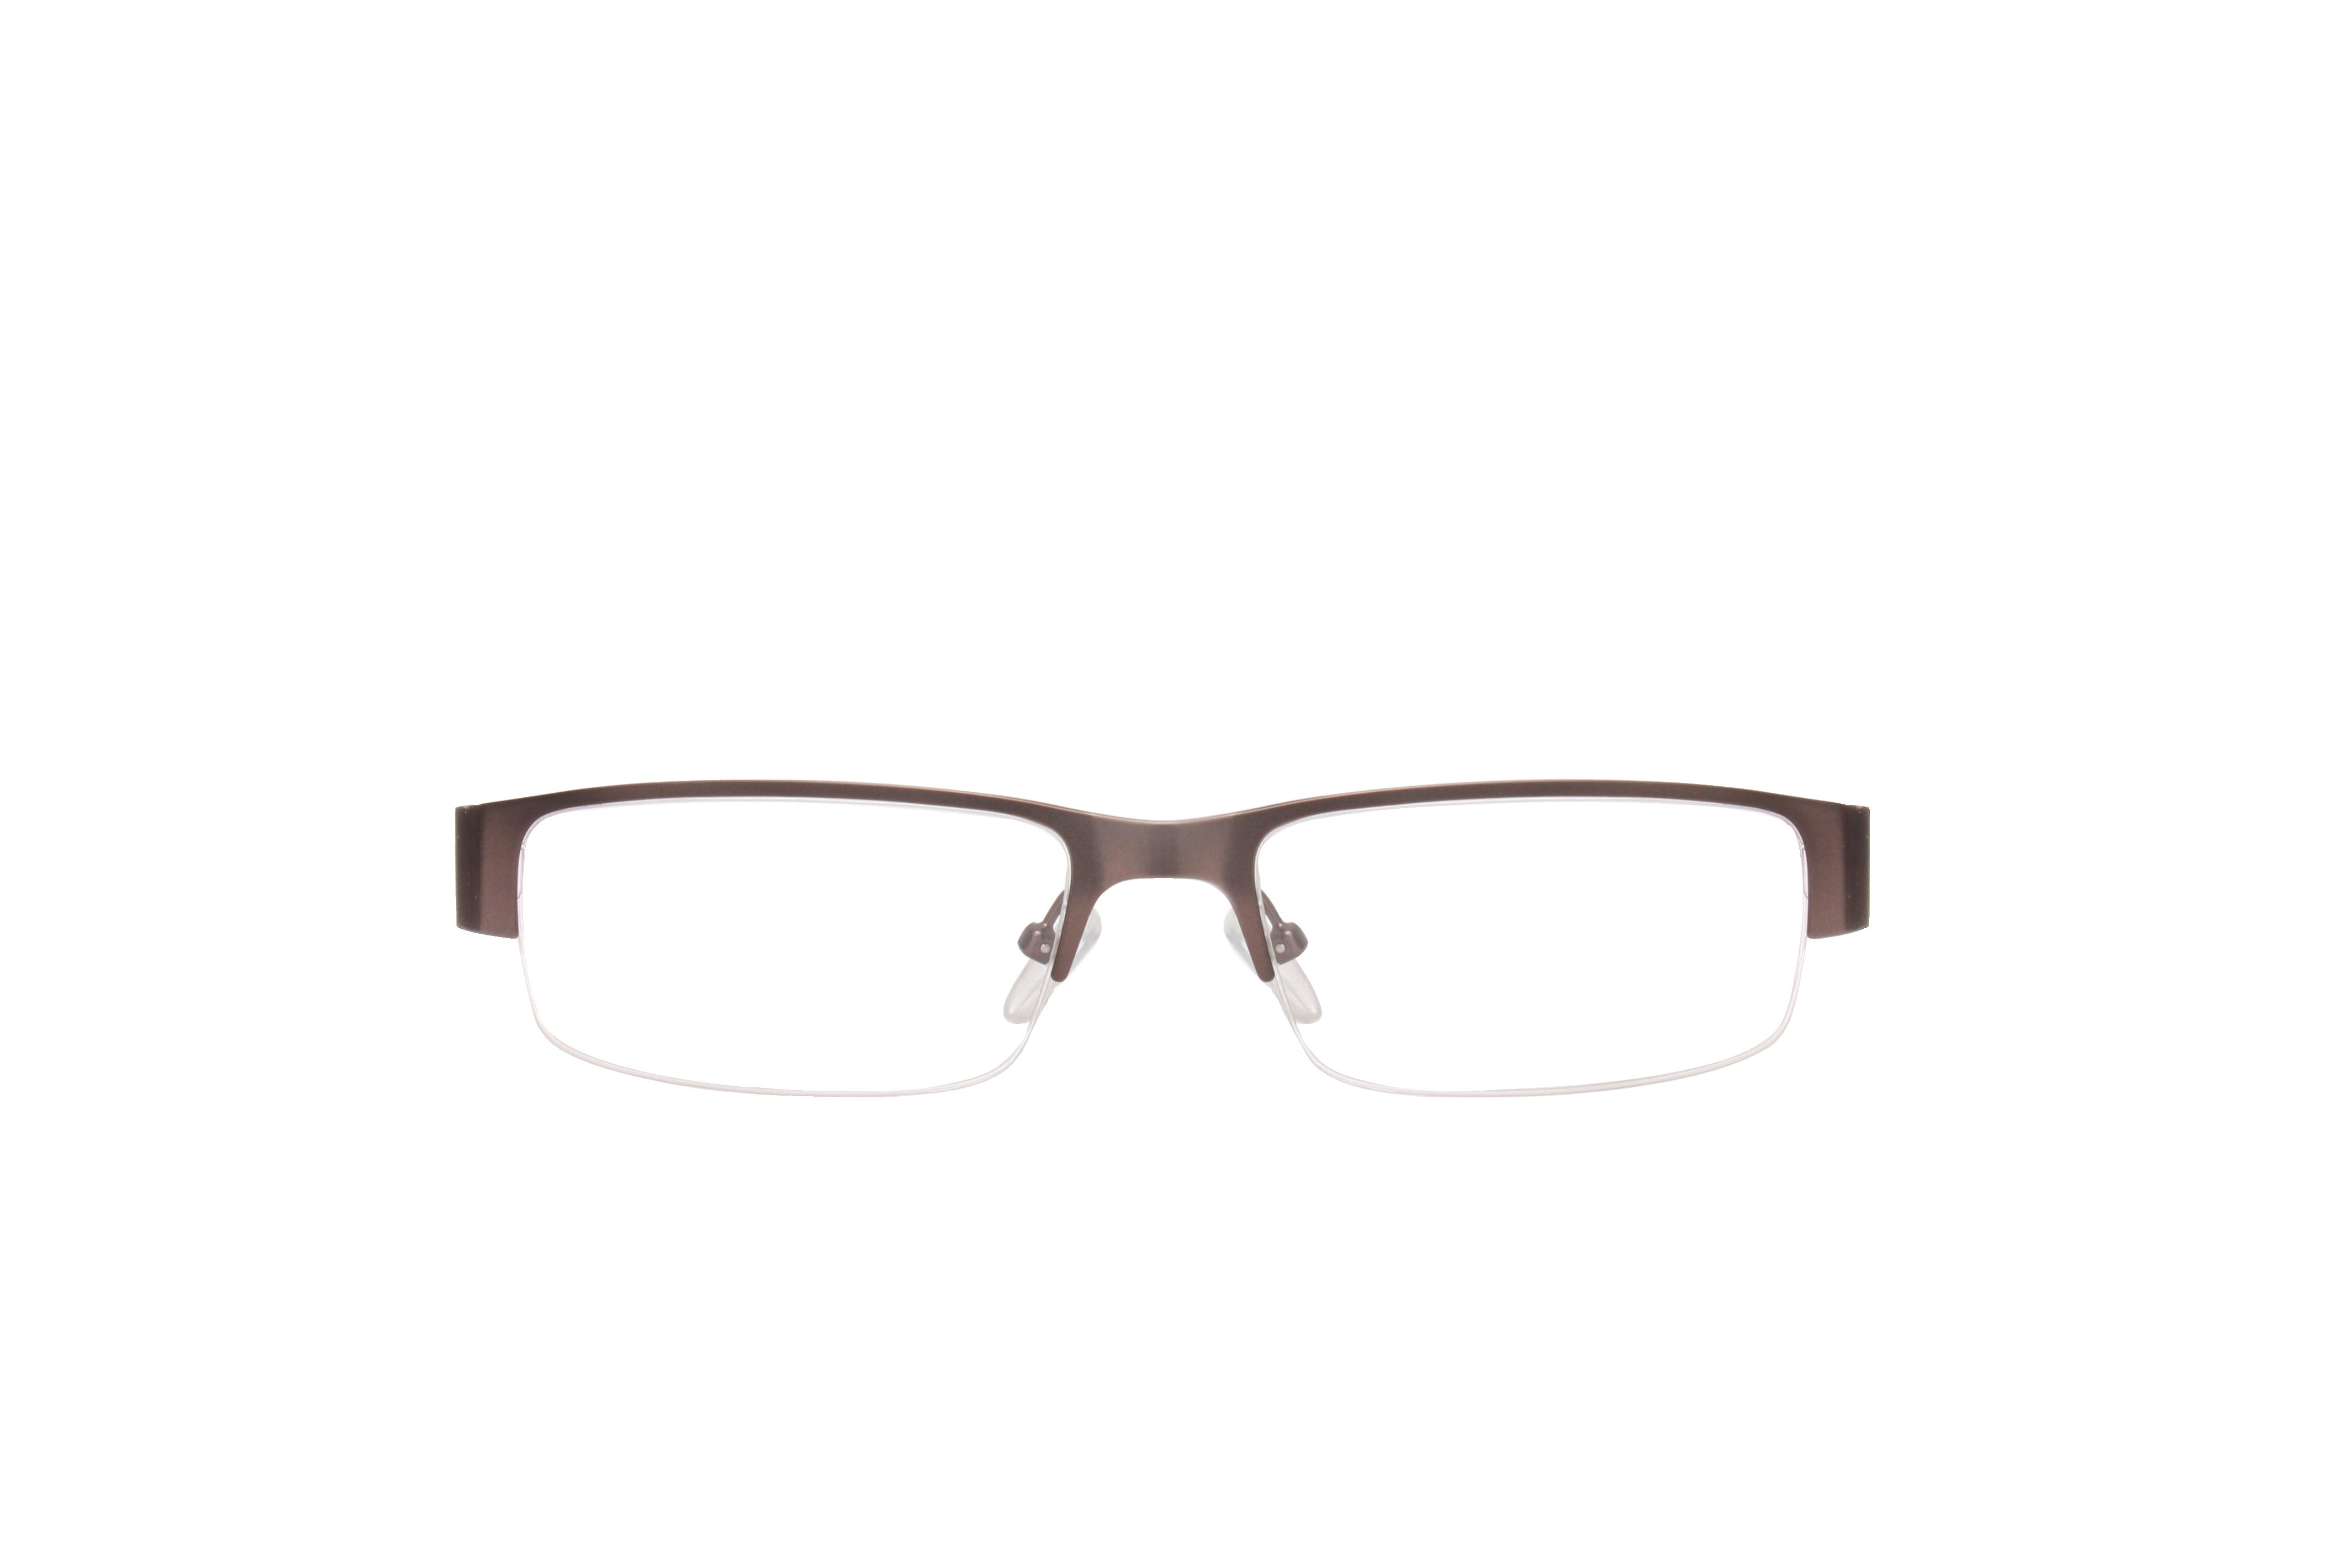 Glasses Frames Eyemart : Alfa img - Showing > Eyemart Glasses Designer